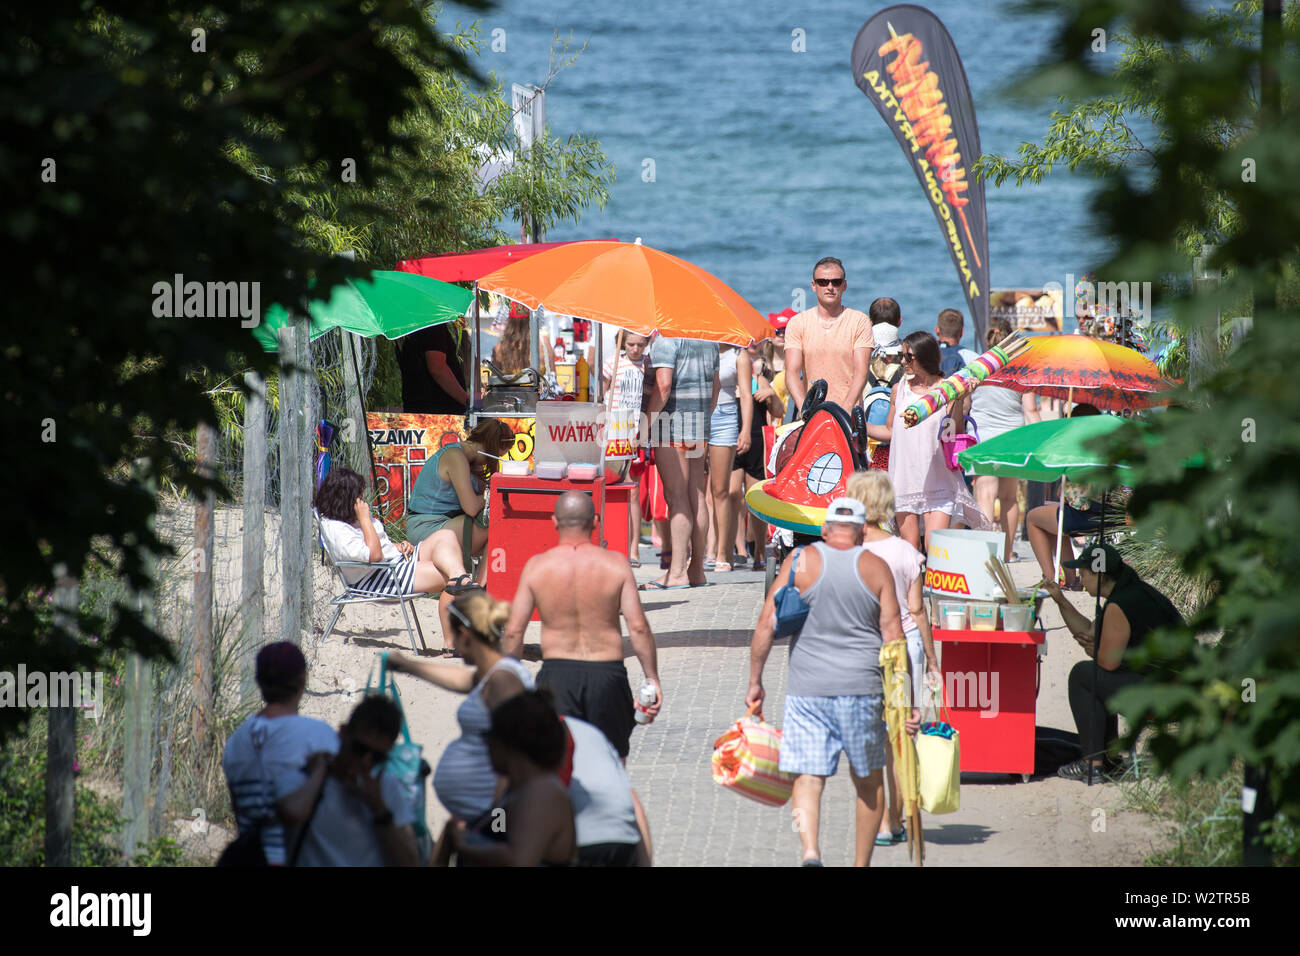 Hot day on a crowded beach in Wladyslawowo, Poland. June 25th 2019 © Wojciech Strozyk / Alamy Stock Photo - Stock Image